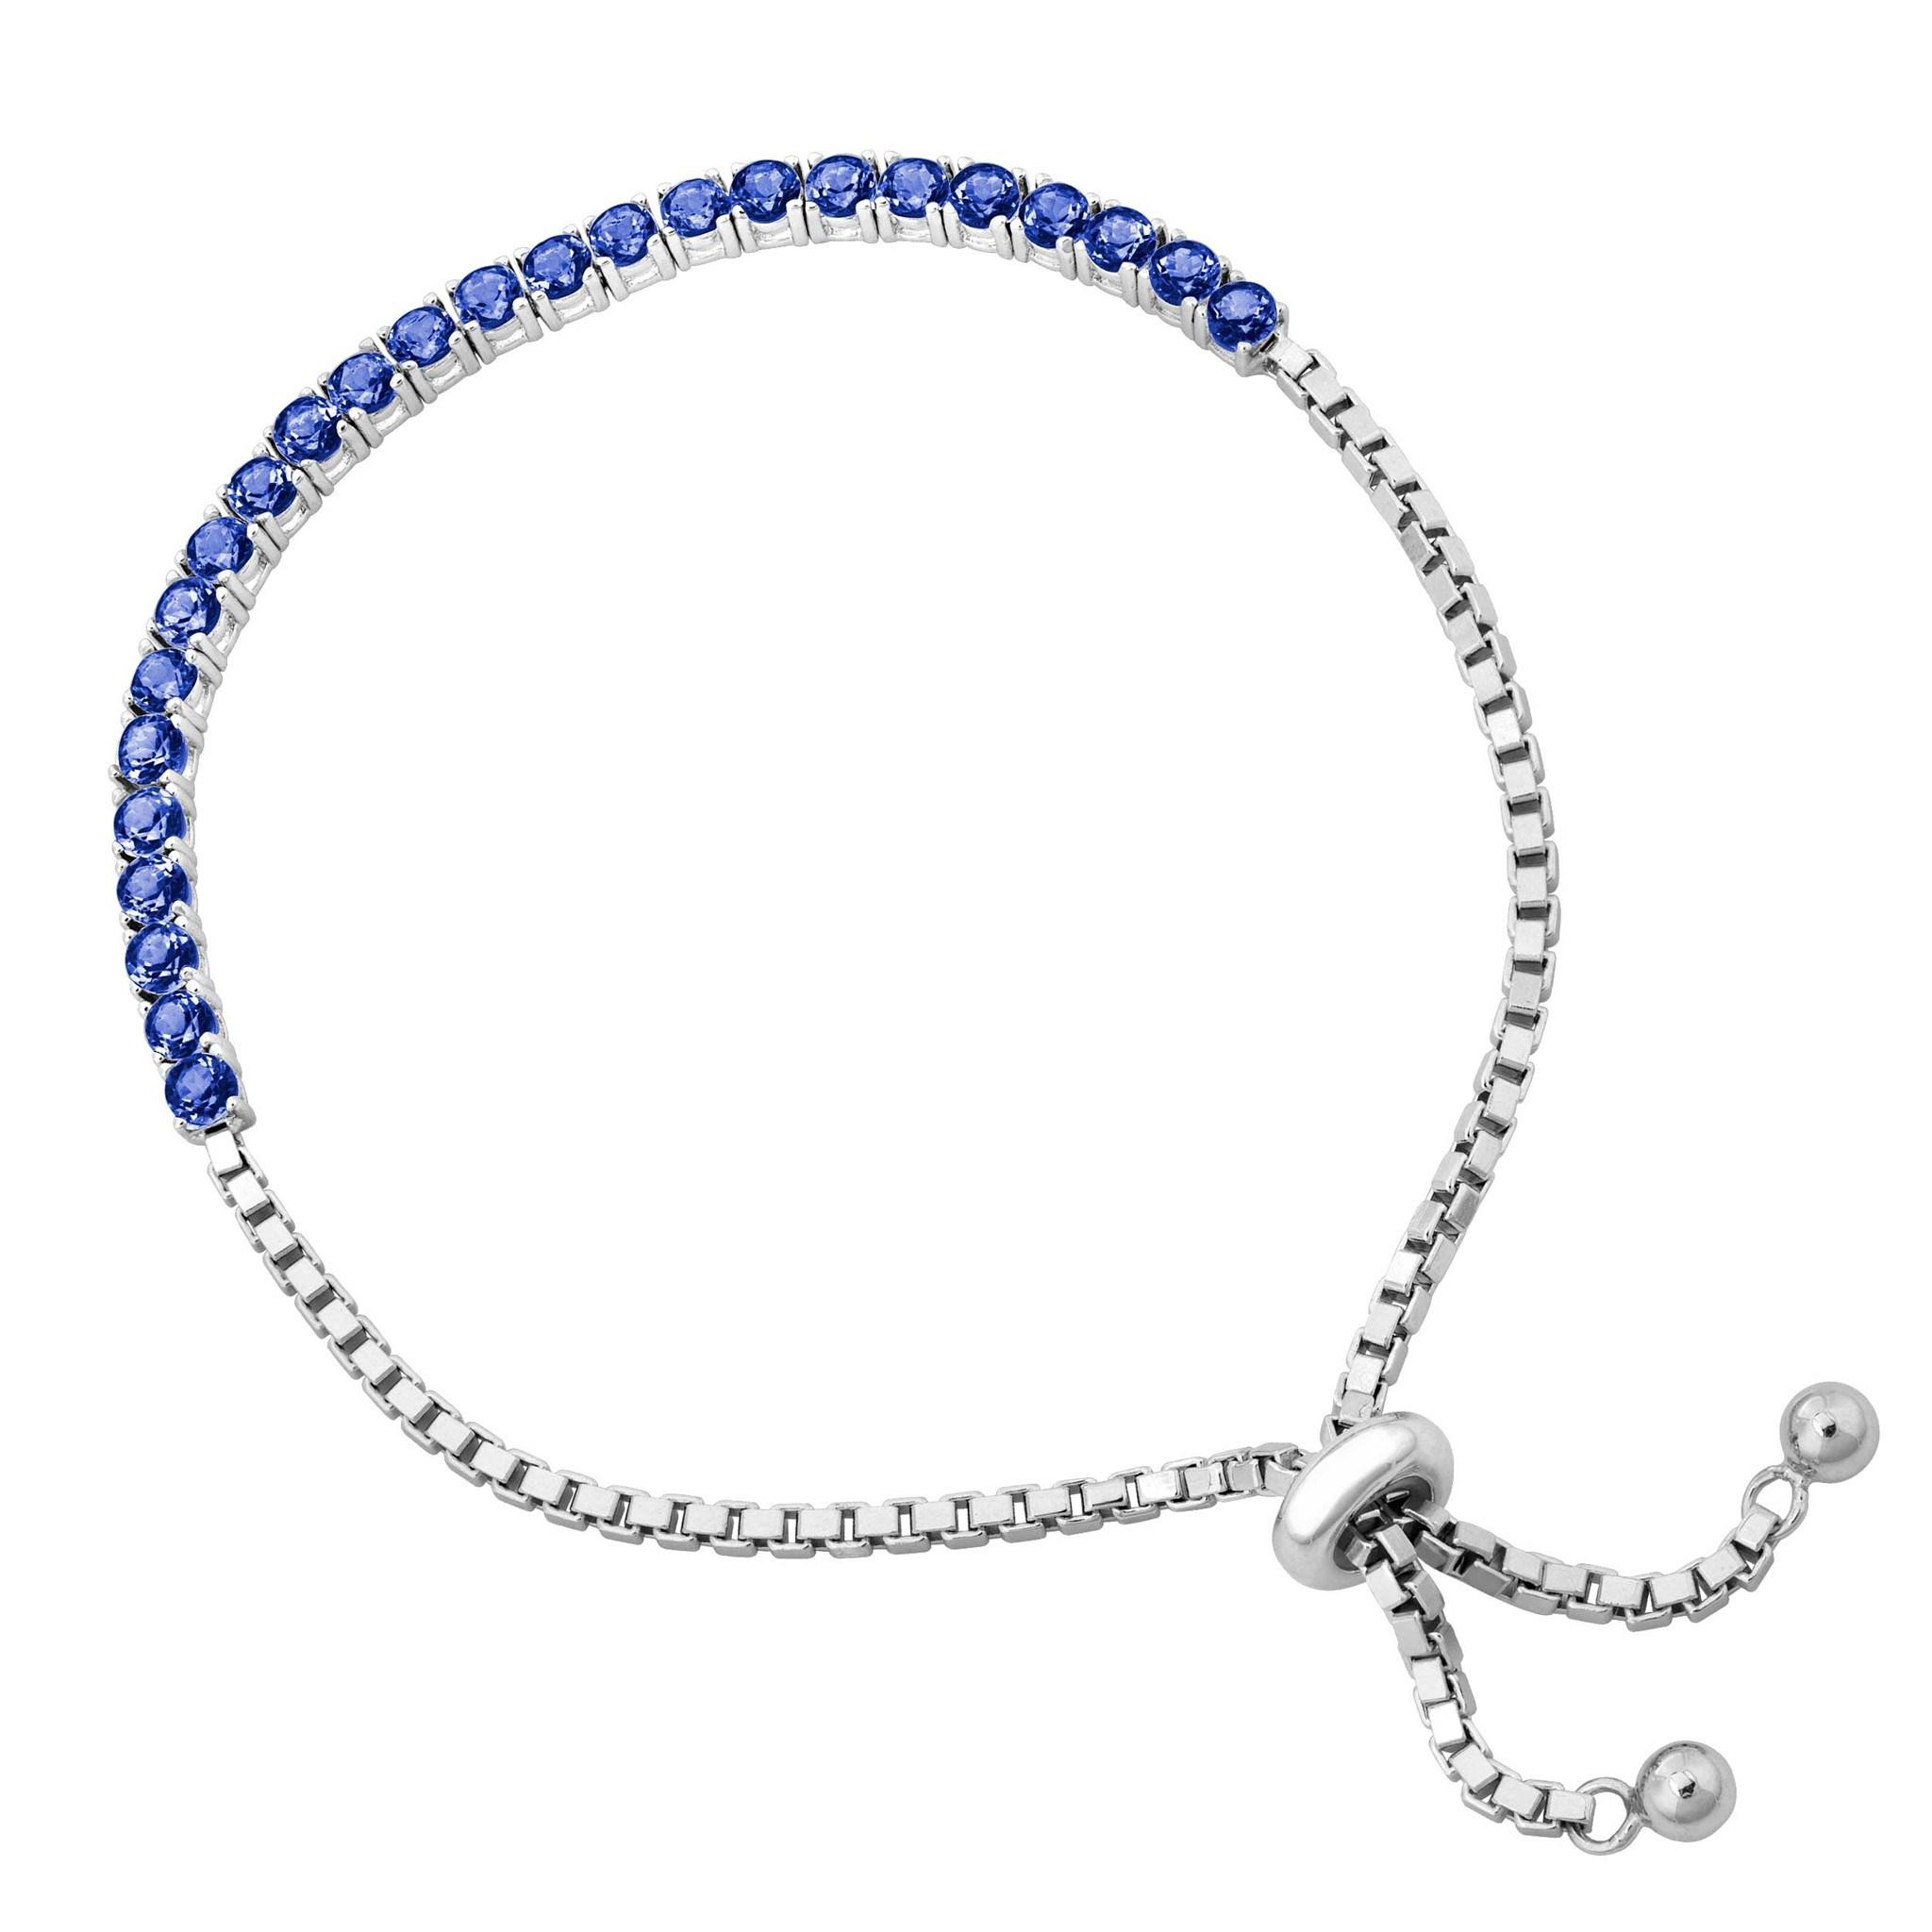 ELEGANT T/&T 316L Solid Stainless Steel Bracelet BBR122